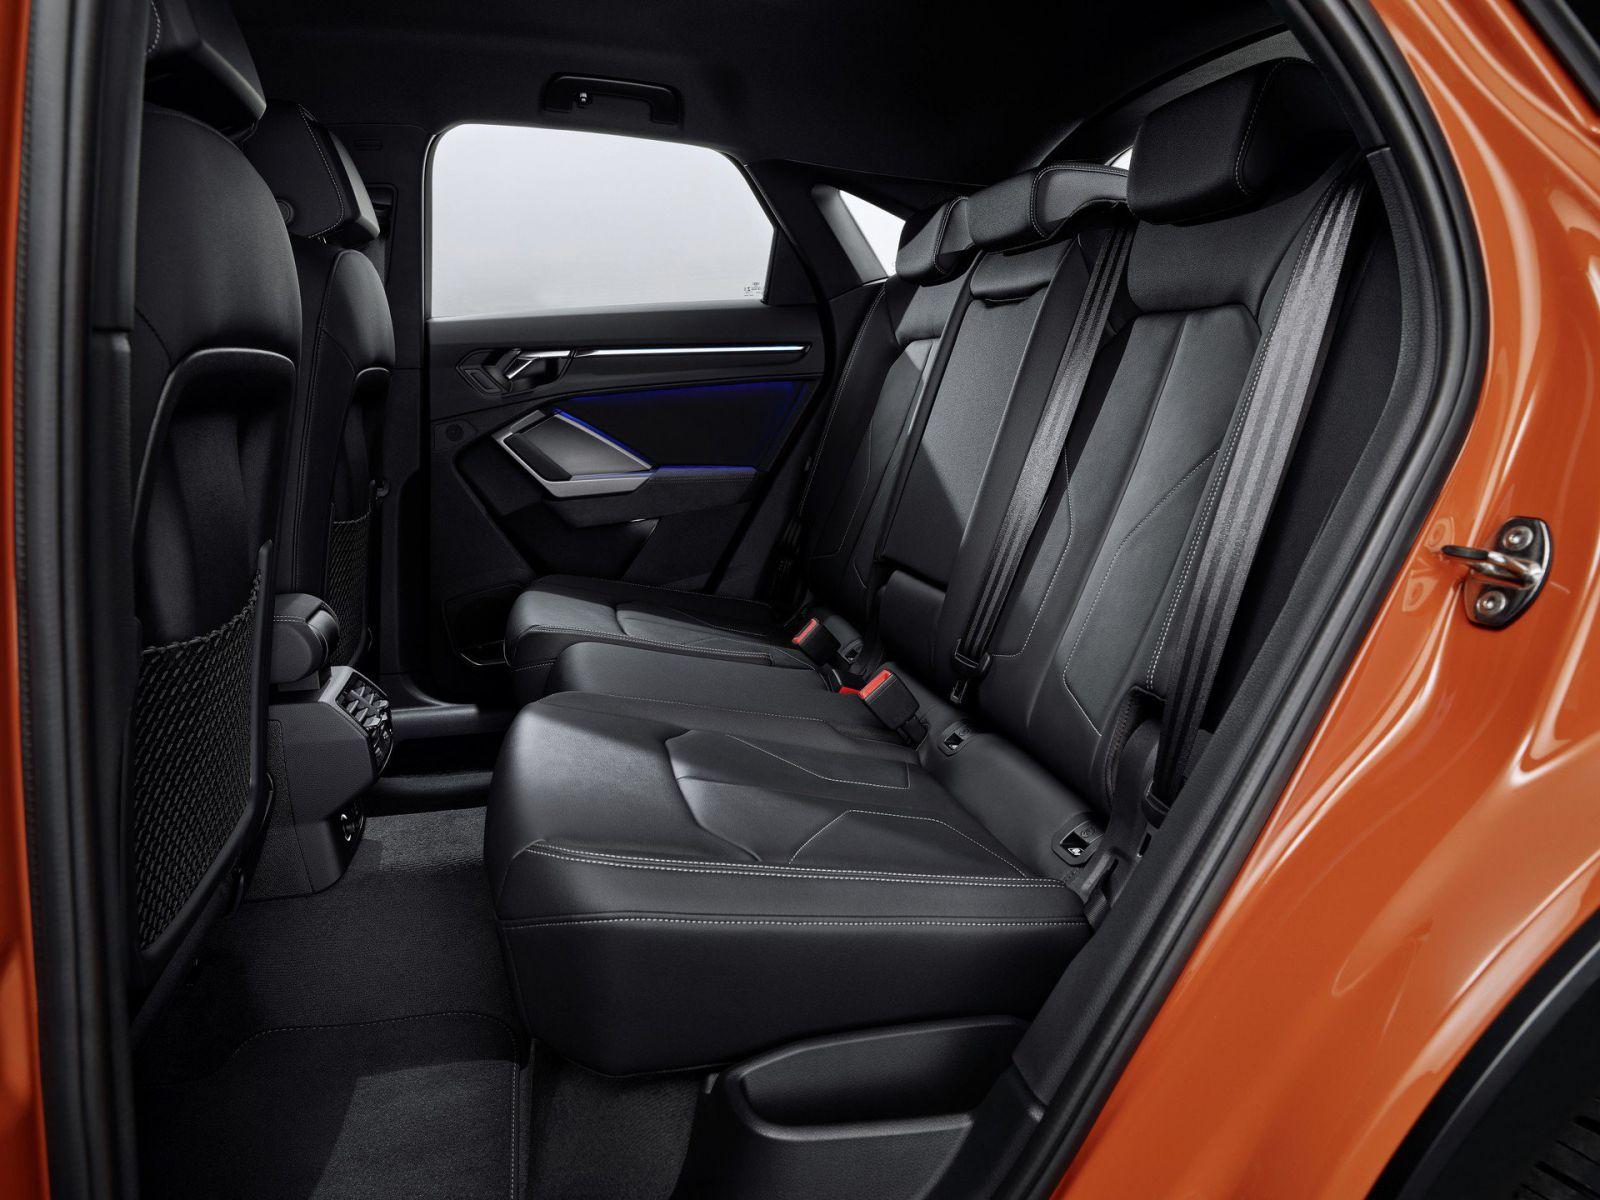 Audi Ra Mắt Mẫu Q3 Coupe Sportback Hoàn toàn mới Giá Rẻ dự kiến về việt nam vào năm 2020, mức giá khoảng 2 tỷ đồng sẽ cạnh tranh với glc, bmw x3, lexus nx,